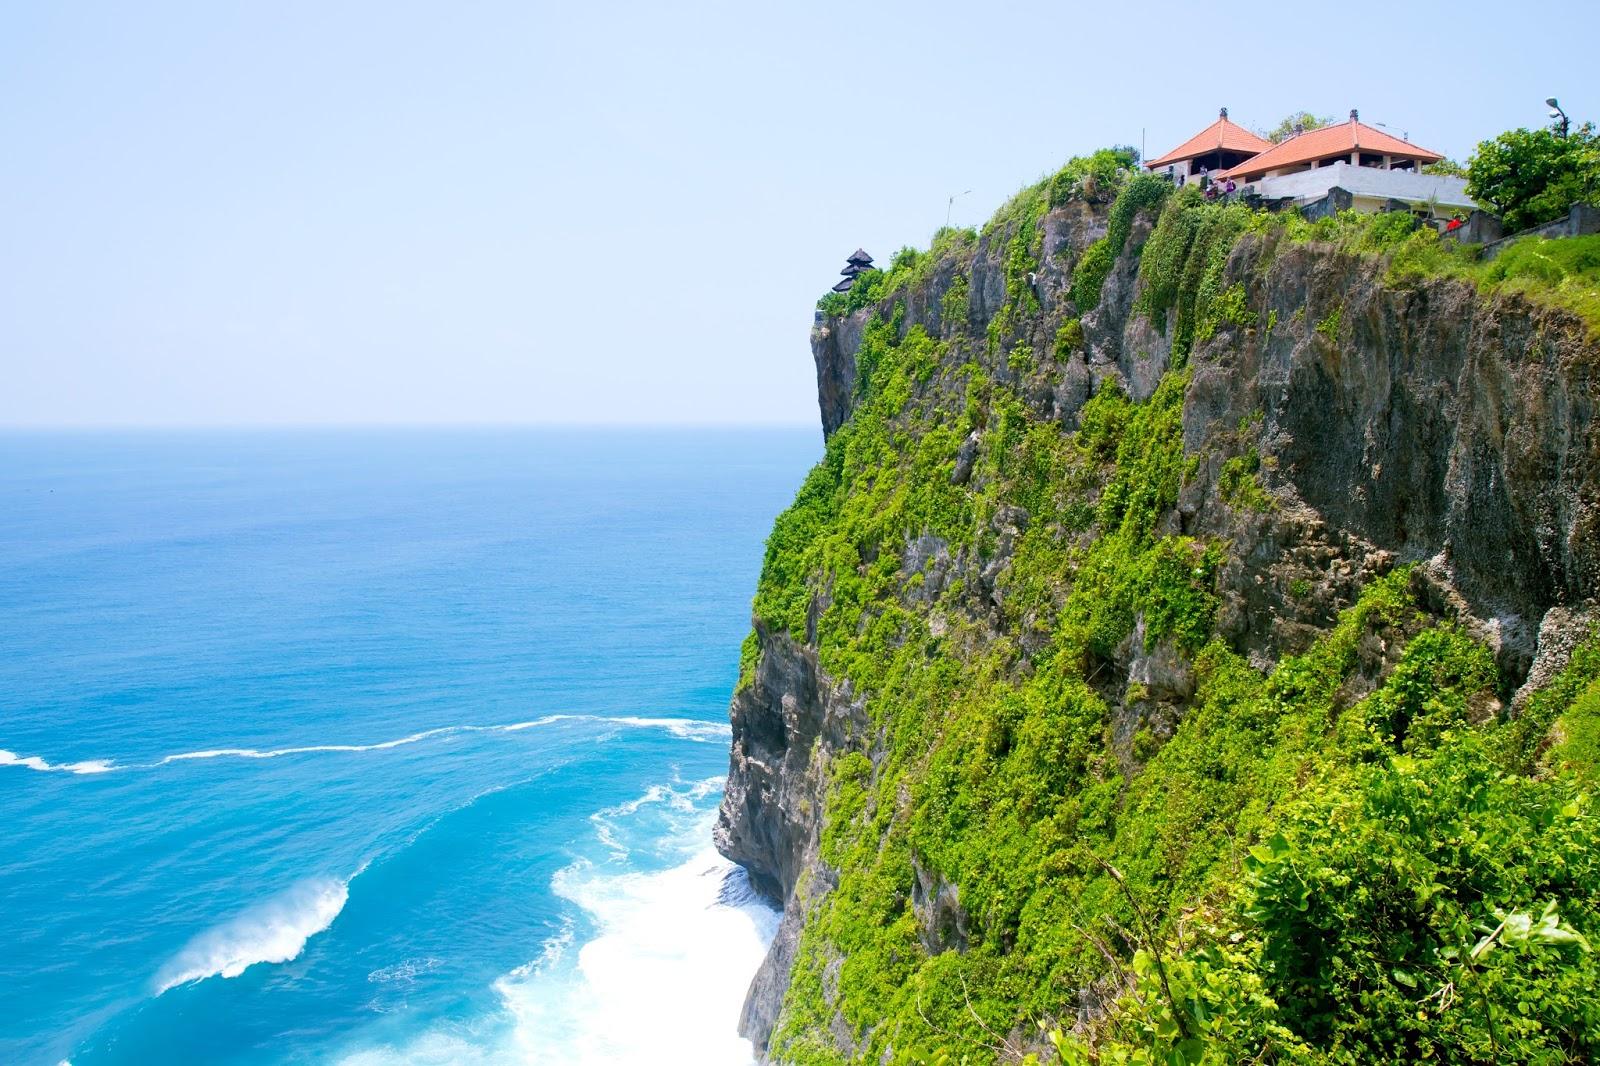 beautiful views at Uluwatu Temple in Bali, Indonesia